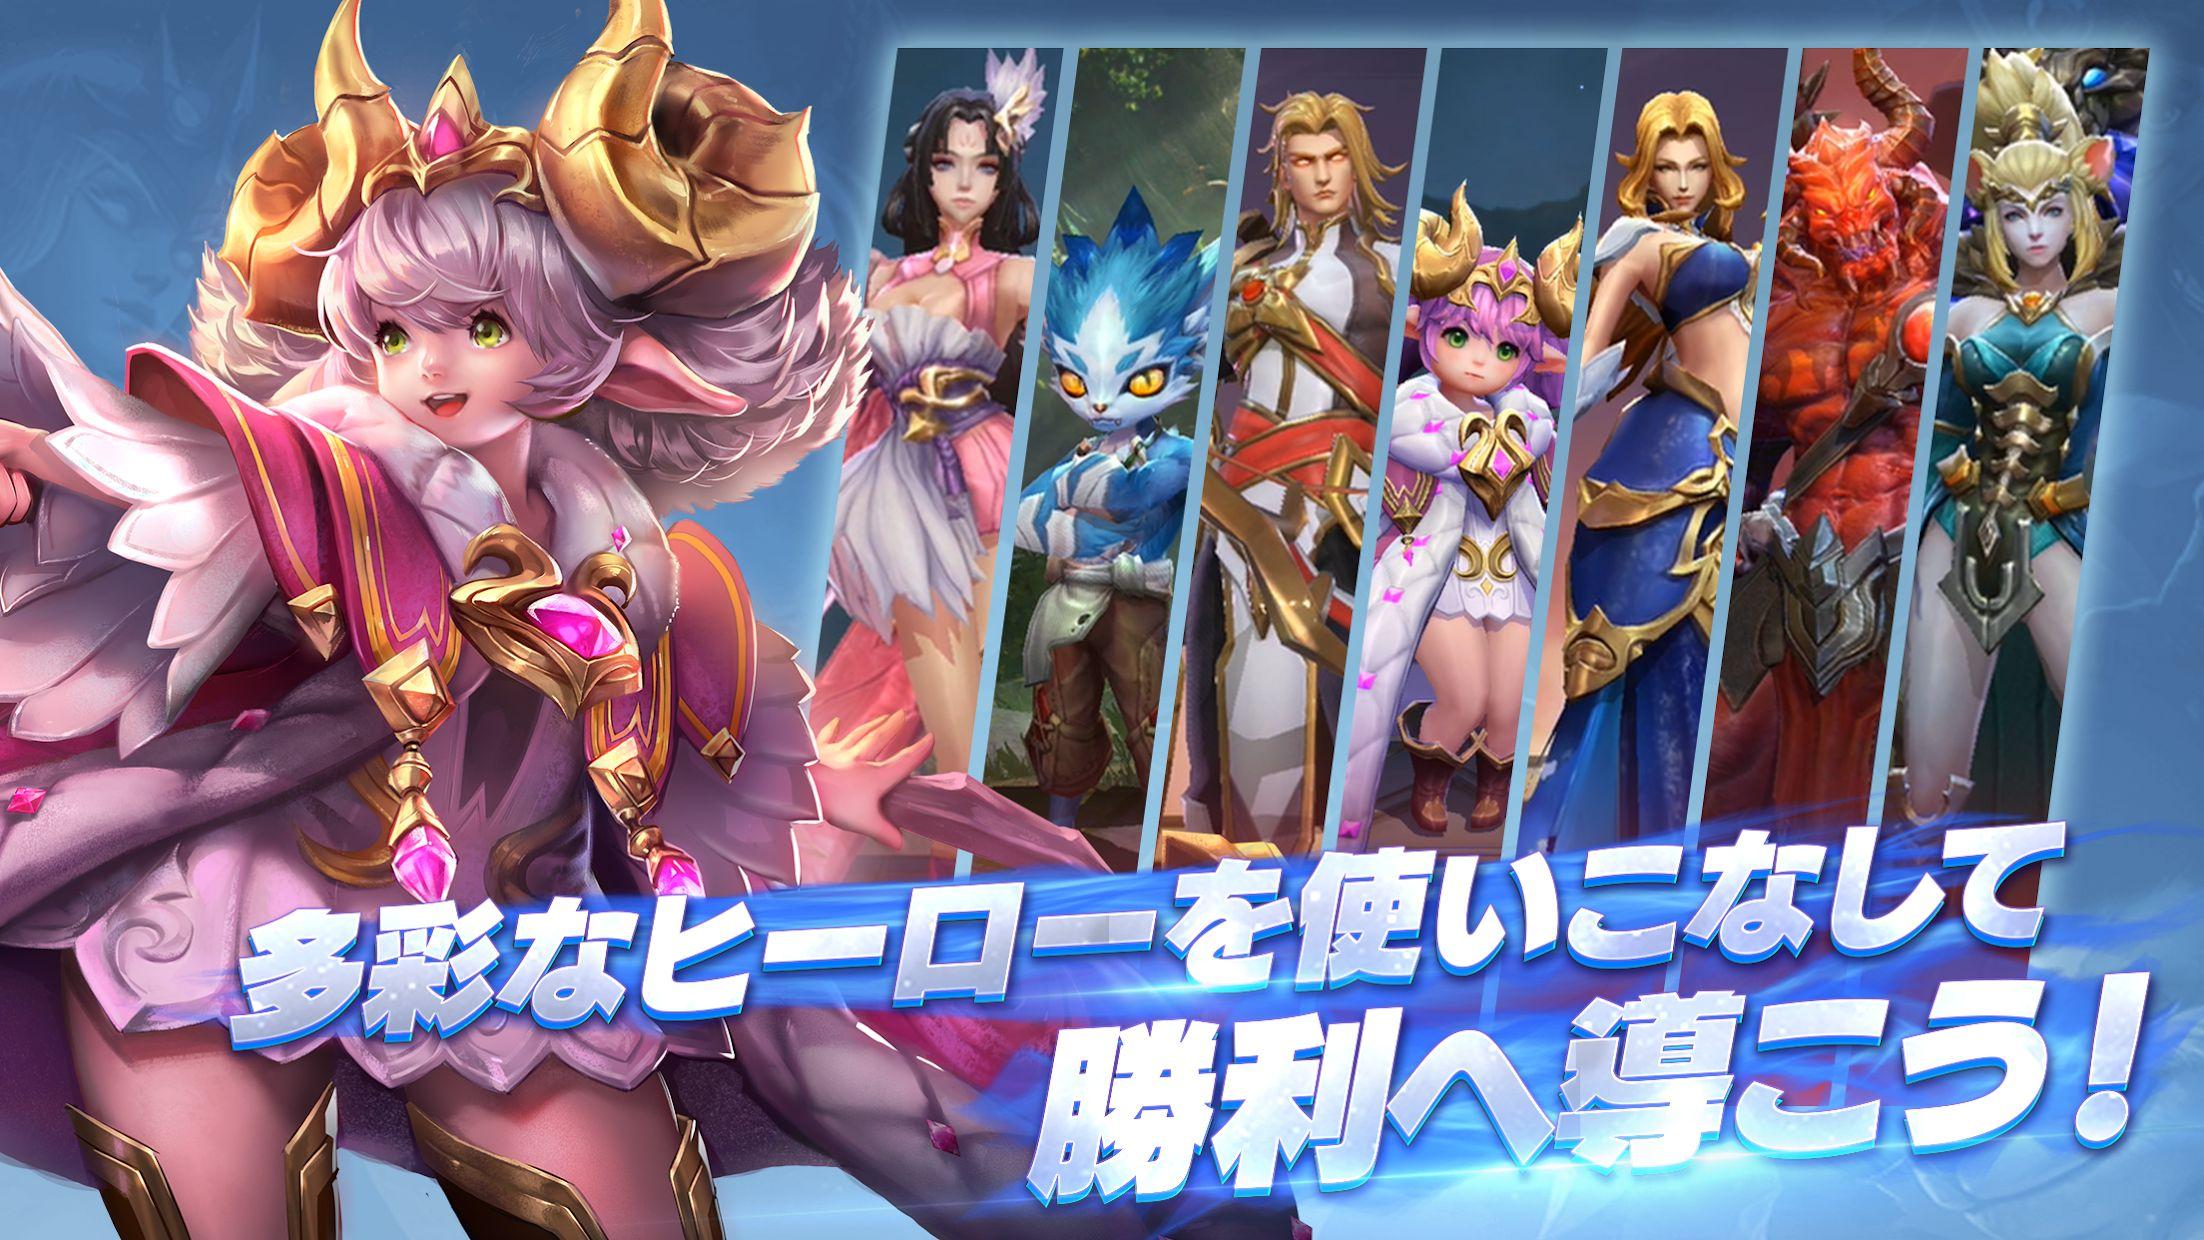 传说对决 -Arena of Valor-(王者荣耀 日服) 游戏截图2